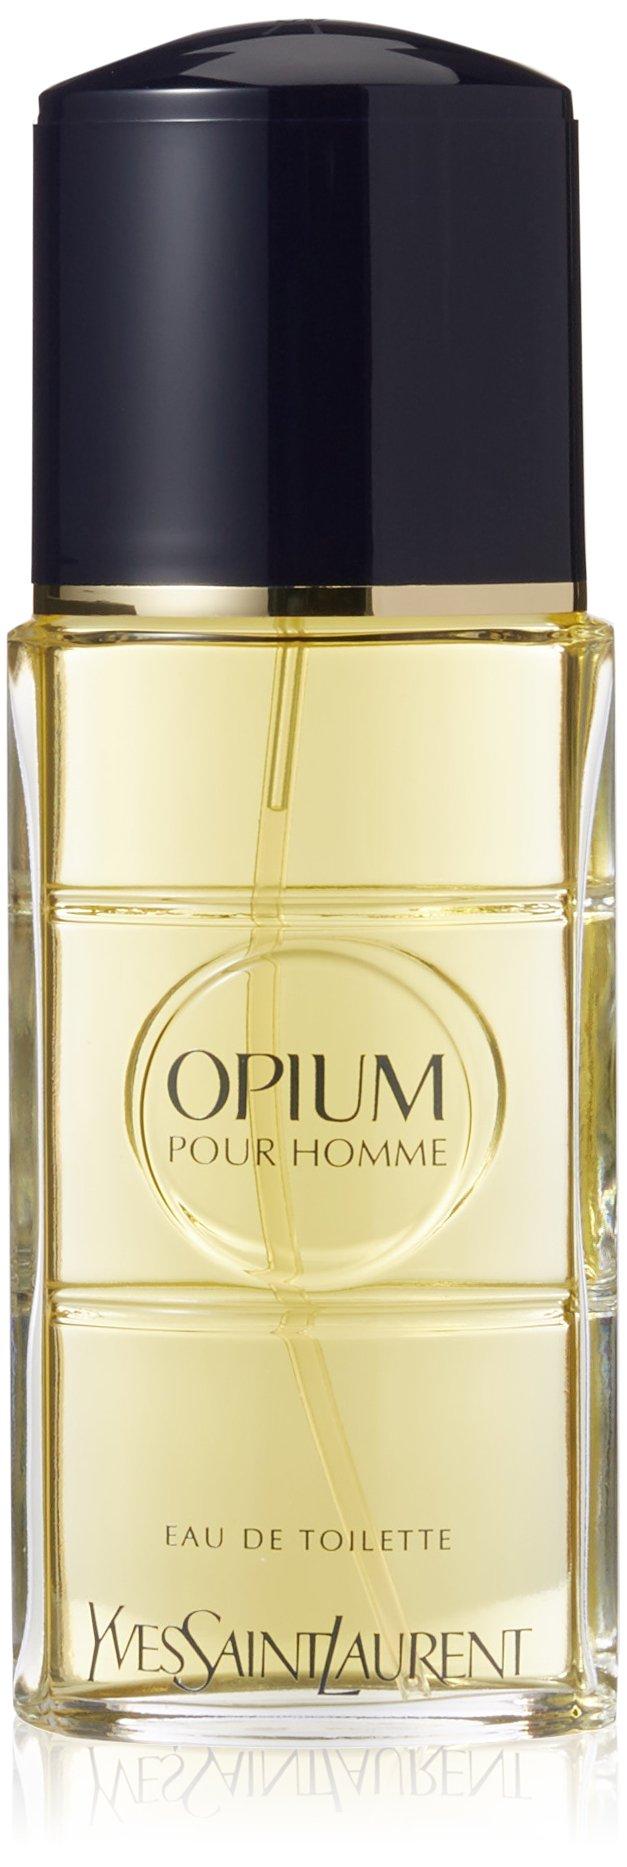 Opium By Yves Saint Laurent For Men. Eau De Toilette Spray 3.3 Ounces